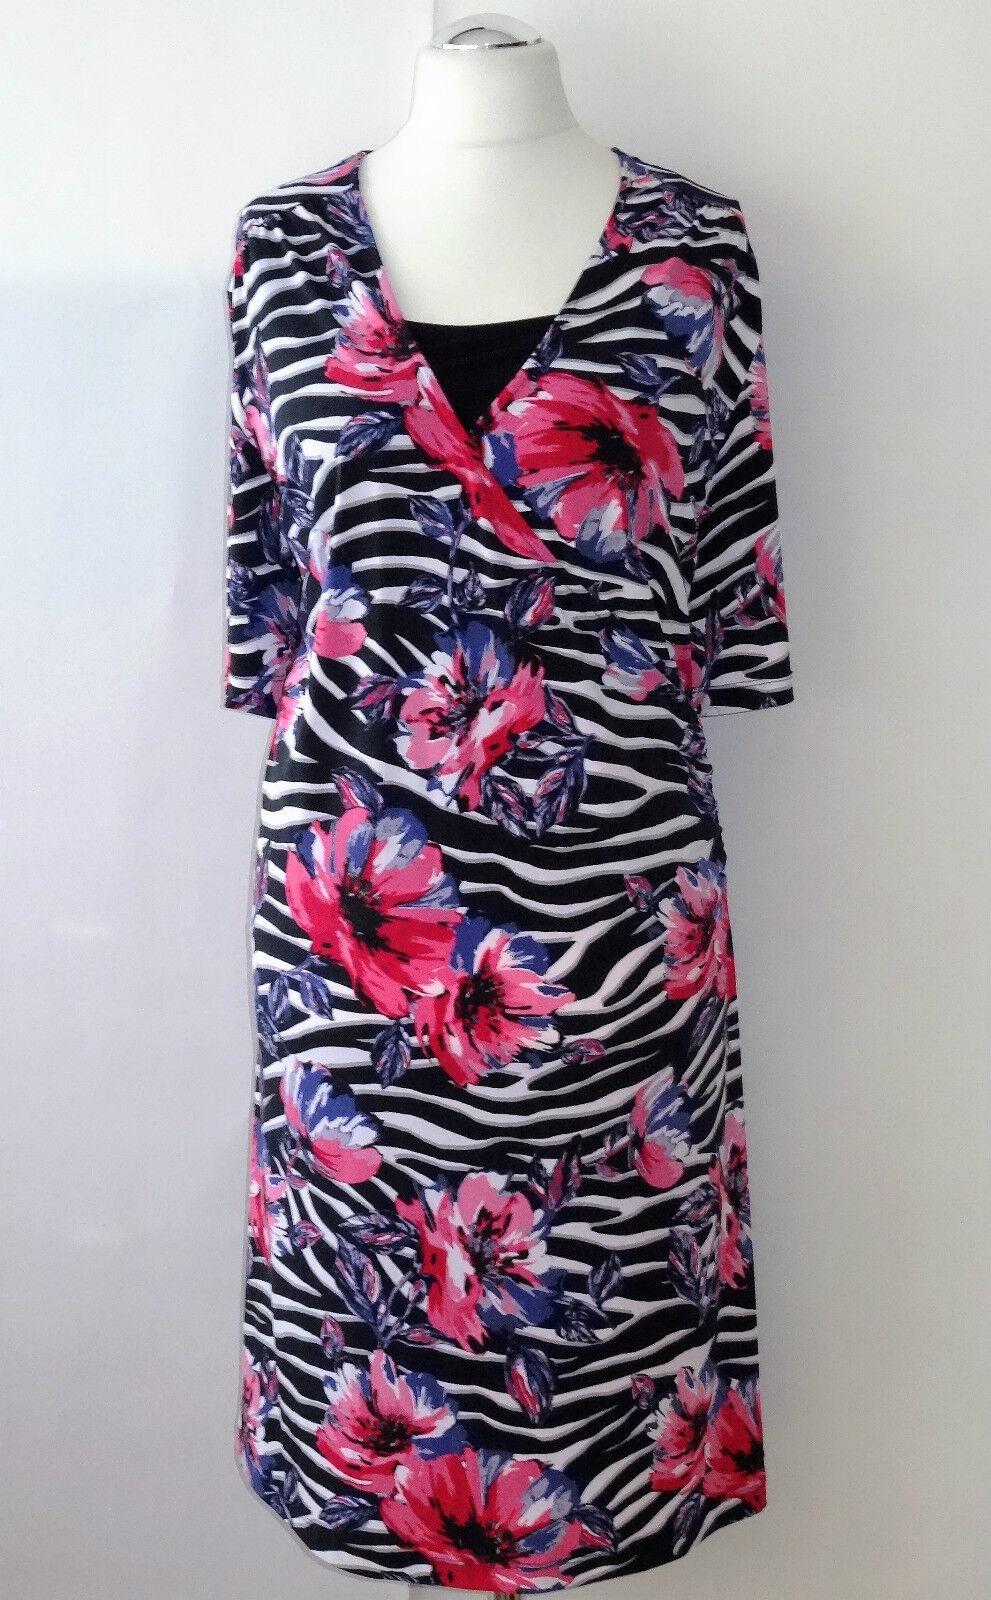 Samoon by Gerry Weber Damenkleid Gr. 52 Kleid Etuikleid Sommerkleid